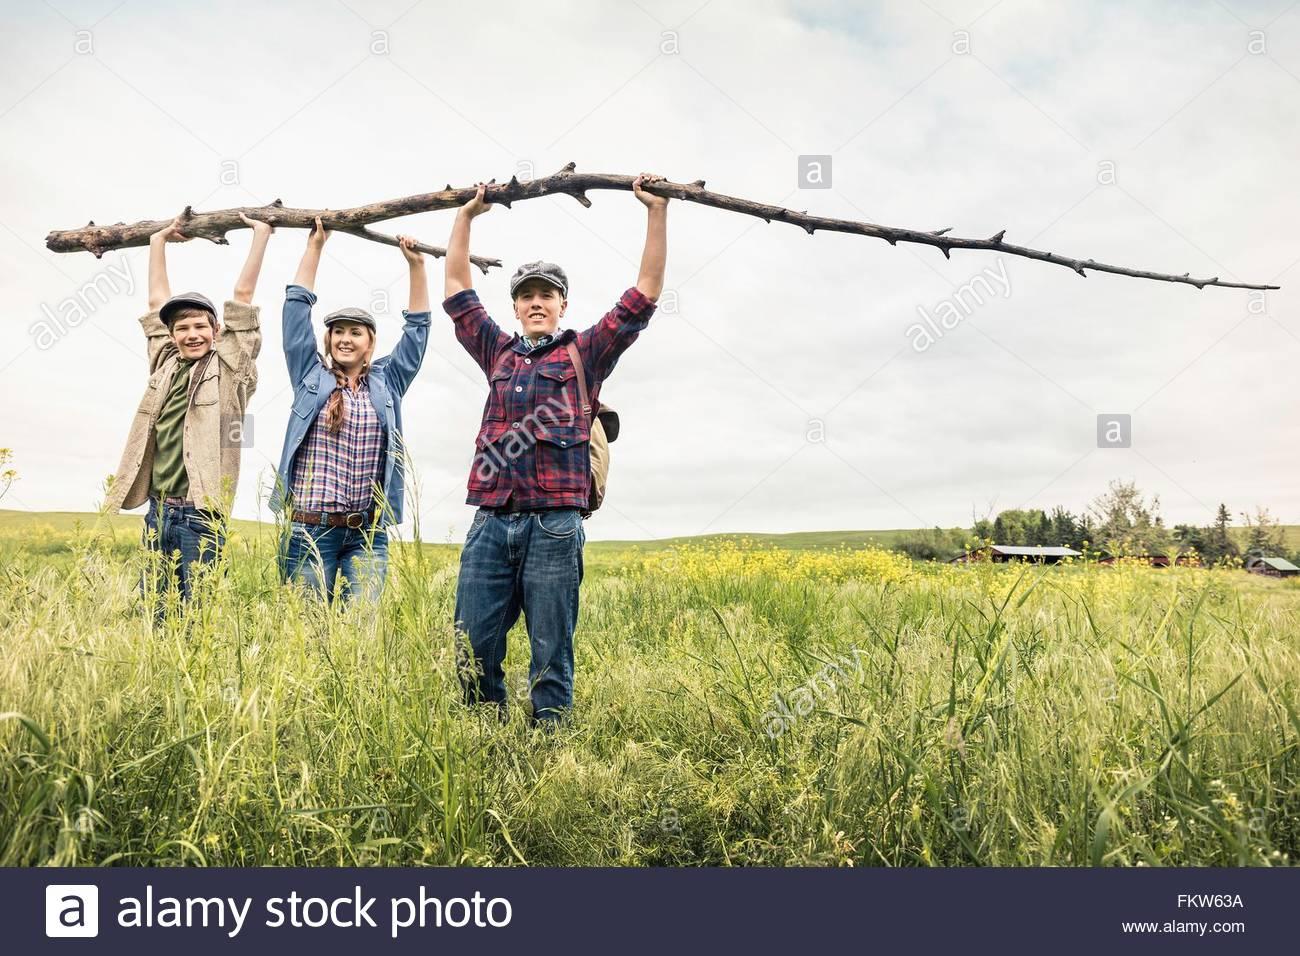 Junge Erwachsene und teenboy in hohe Gräser hält Zweig Blick auf die Kamera zu Lächeln Stockbild